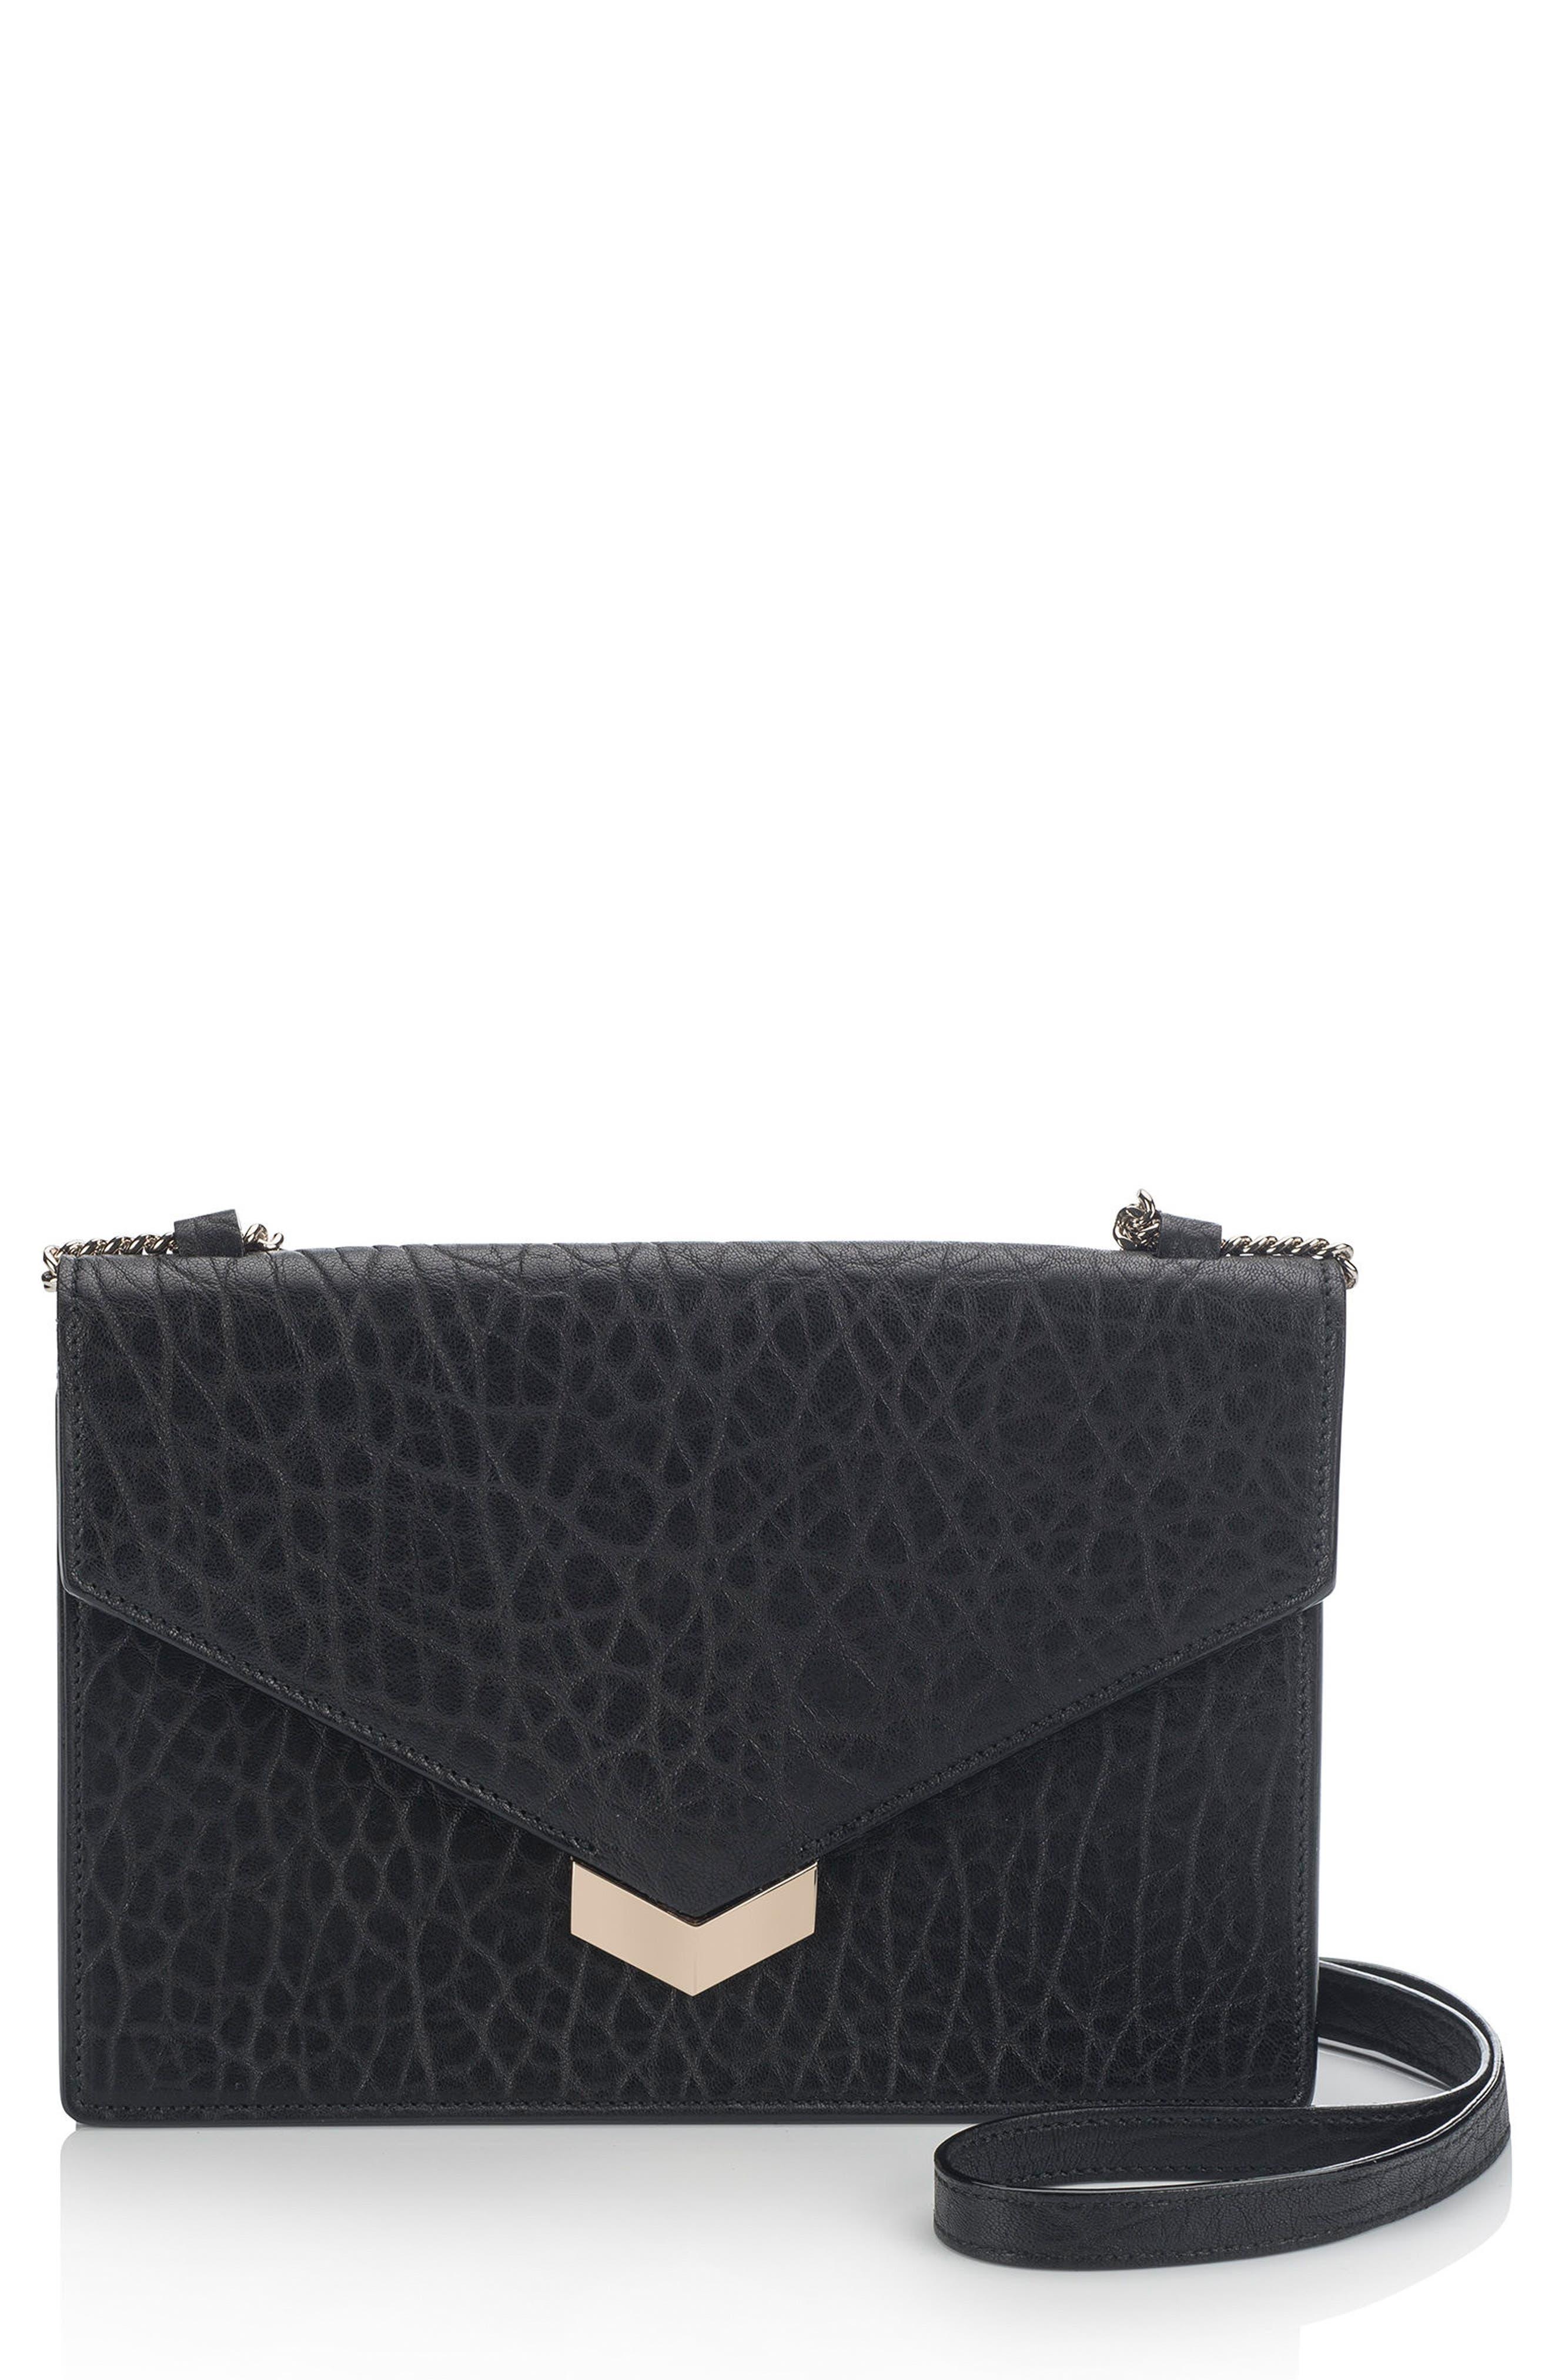 Leila Grainy Lambskin Leather Crossbody Bag,                         Main,                         color, 001